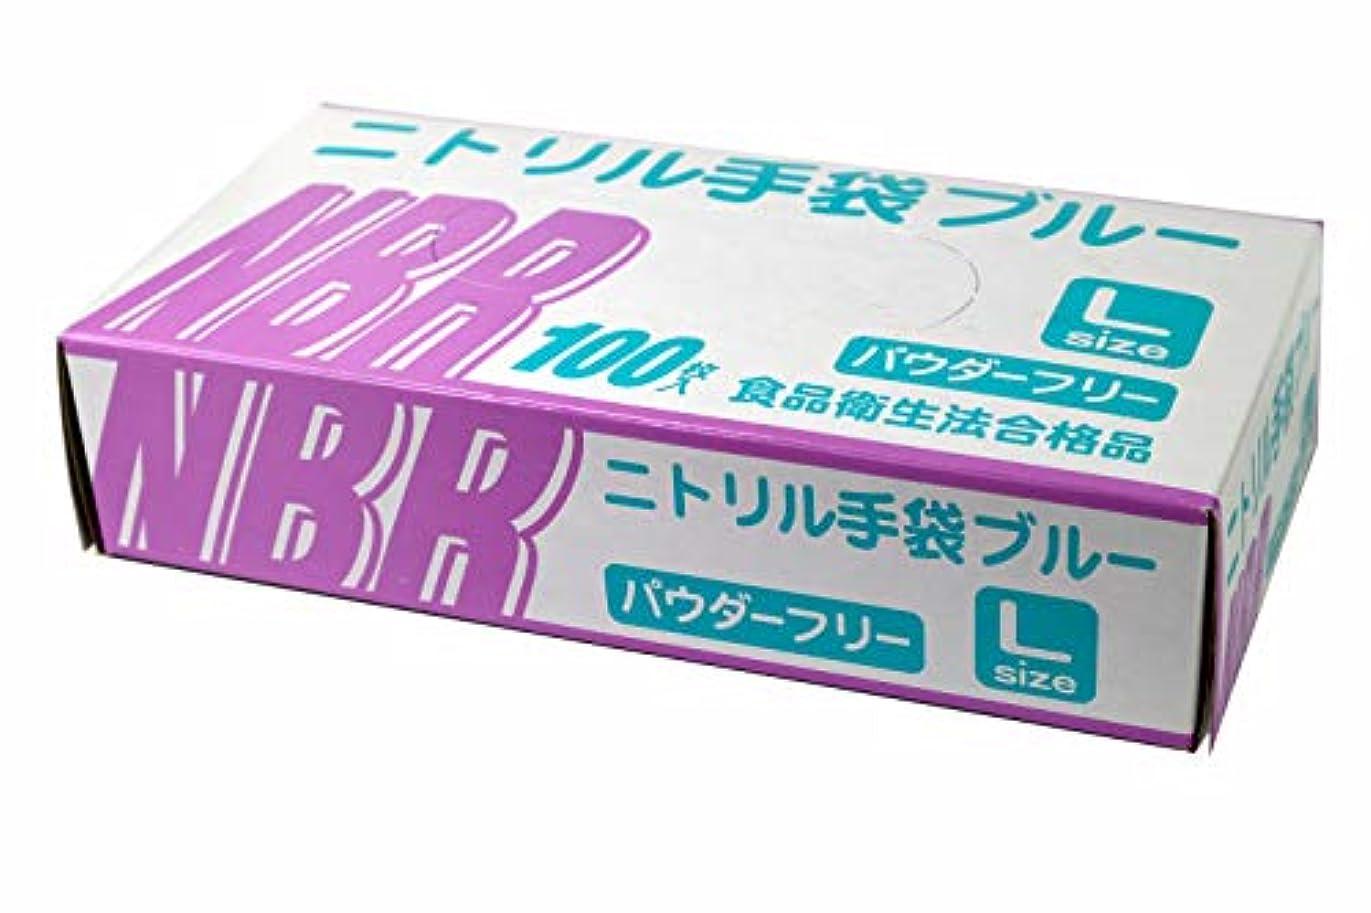 イライラするアクション長老使い捨て手袋 ニトリルグローブ ブルー 食品衛生法合格品 粉なし(パウダーフリー) 100枚入 Lサイズ 超薄手 100541